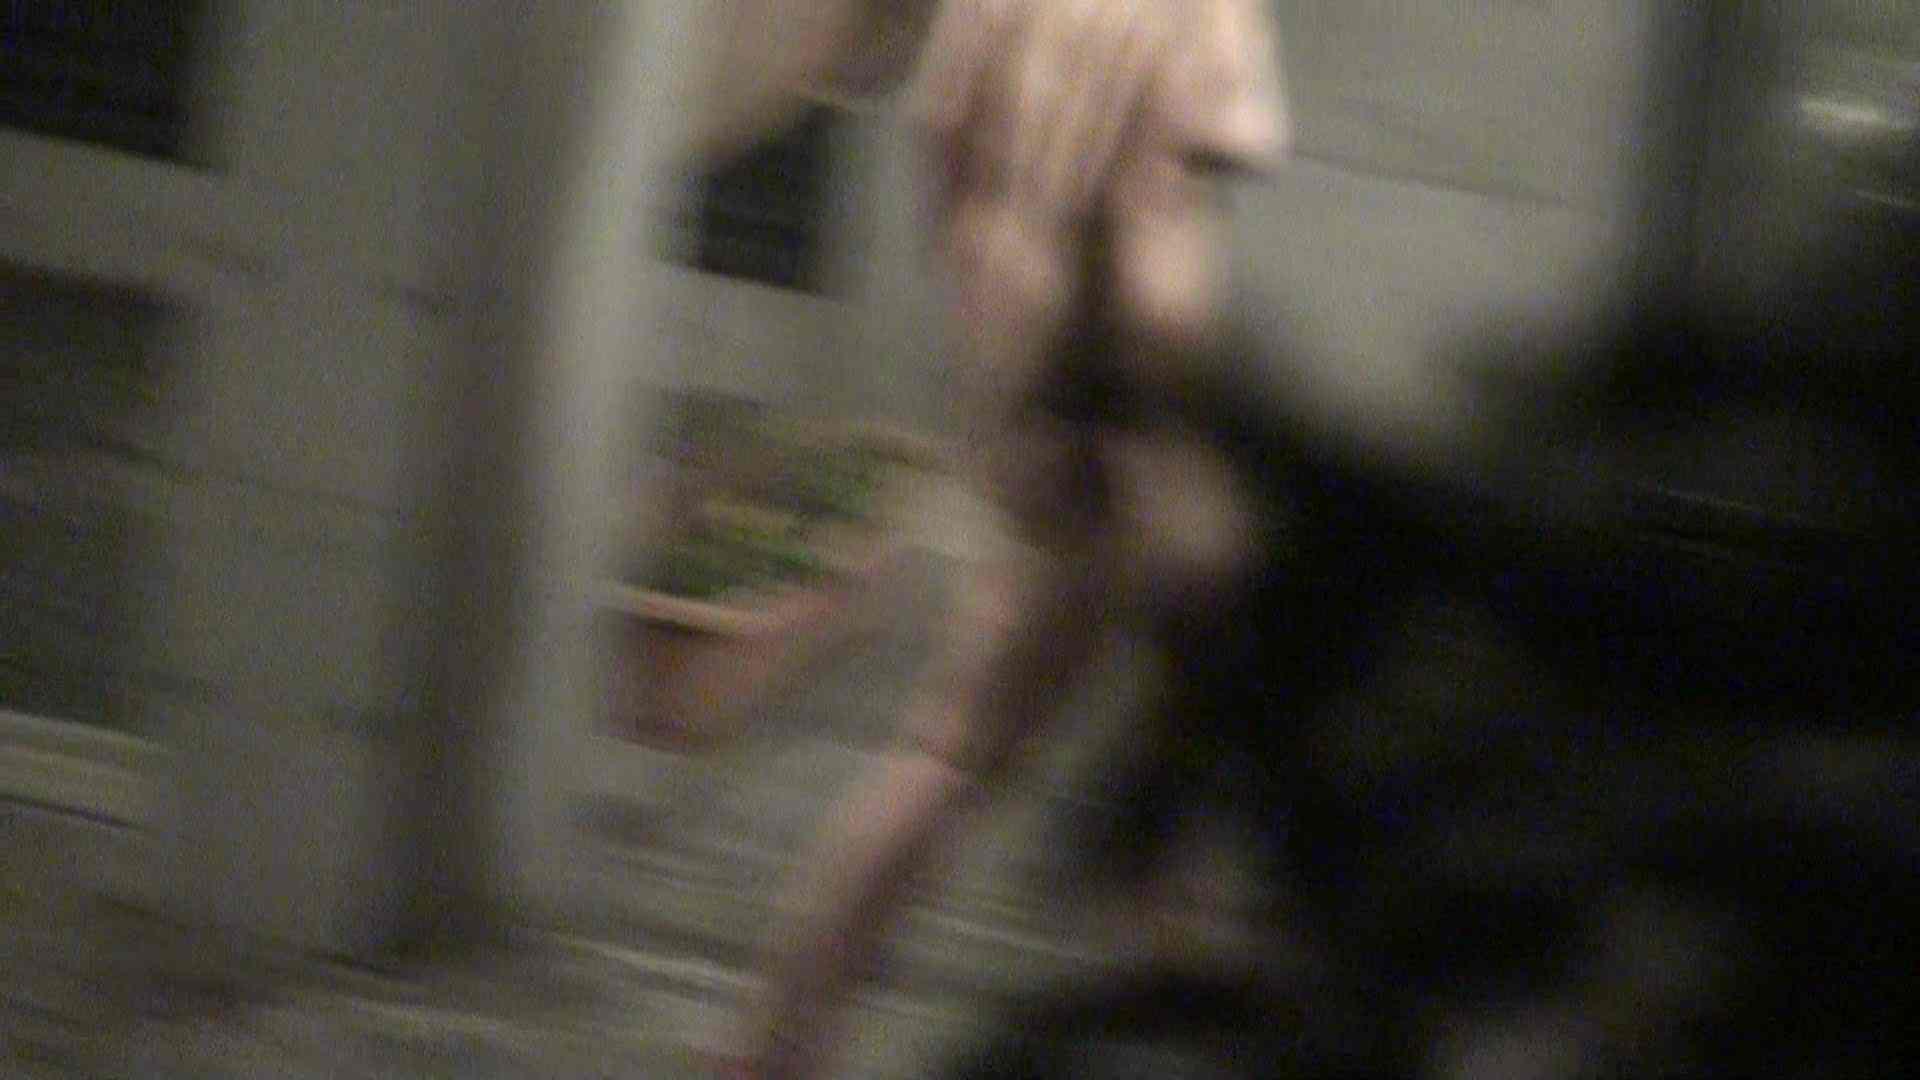 Aquaな露天風呂Vol.377 美しいOLの裸体 盗み撮り動画キャプチャ 105pic 26